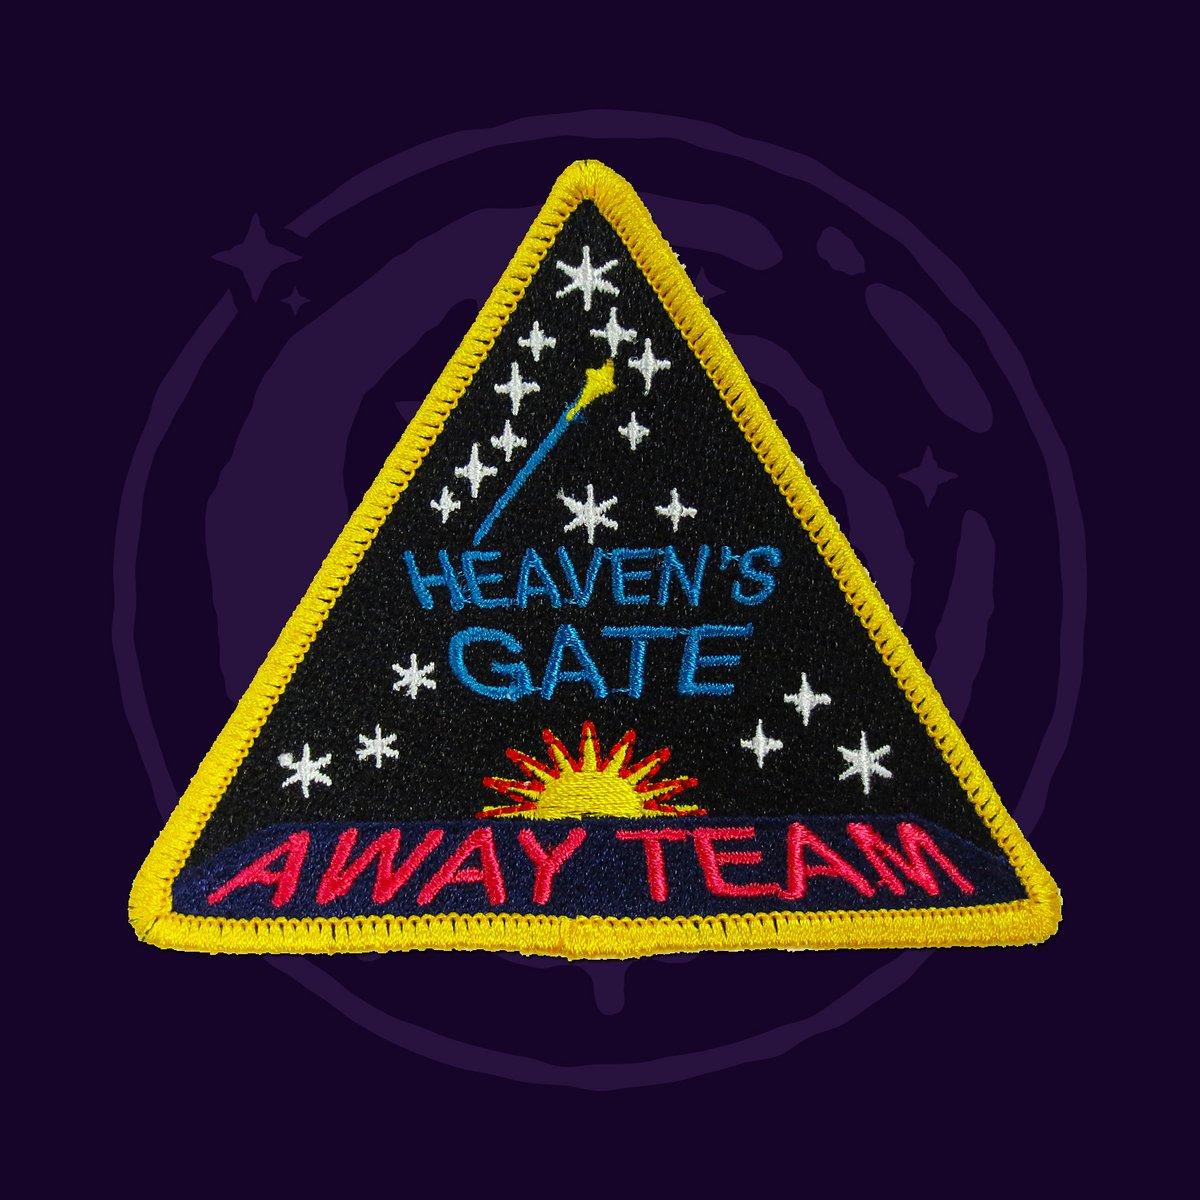 Heavens Gate Away Team Patch Replica Briancarnellcom